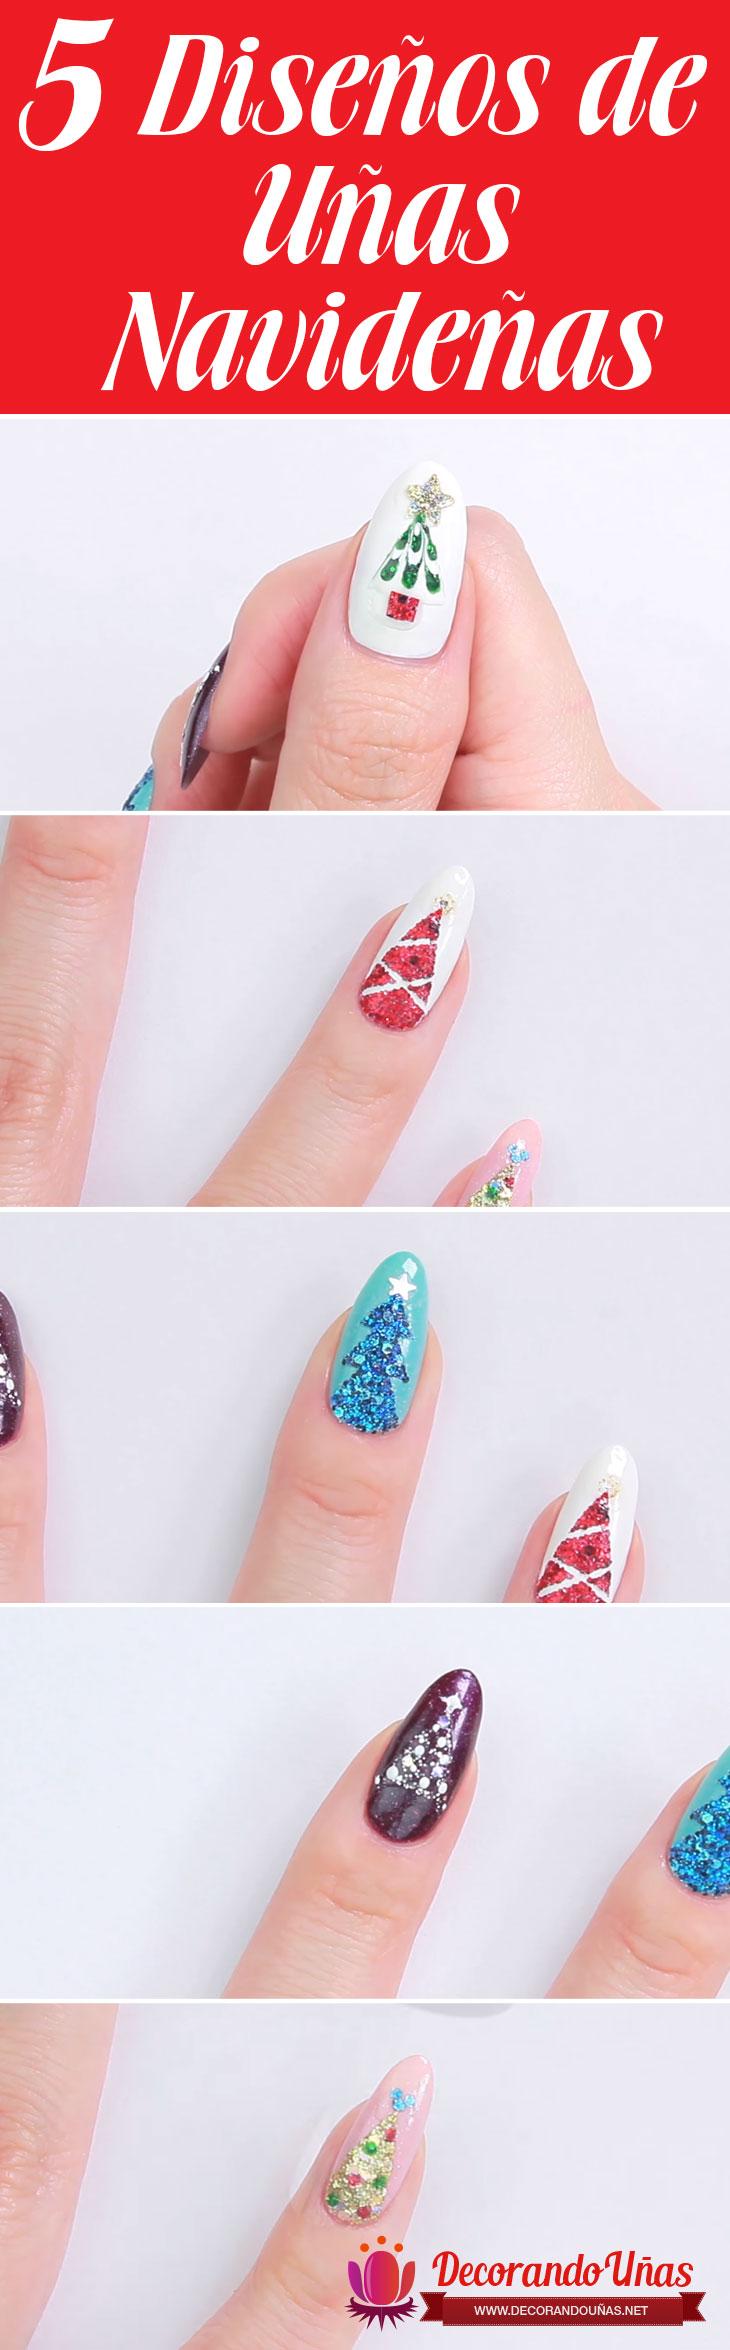 5 Formas fáciles de decorar tus uñas con árbol de navidad ...